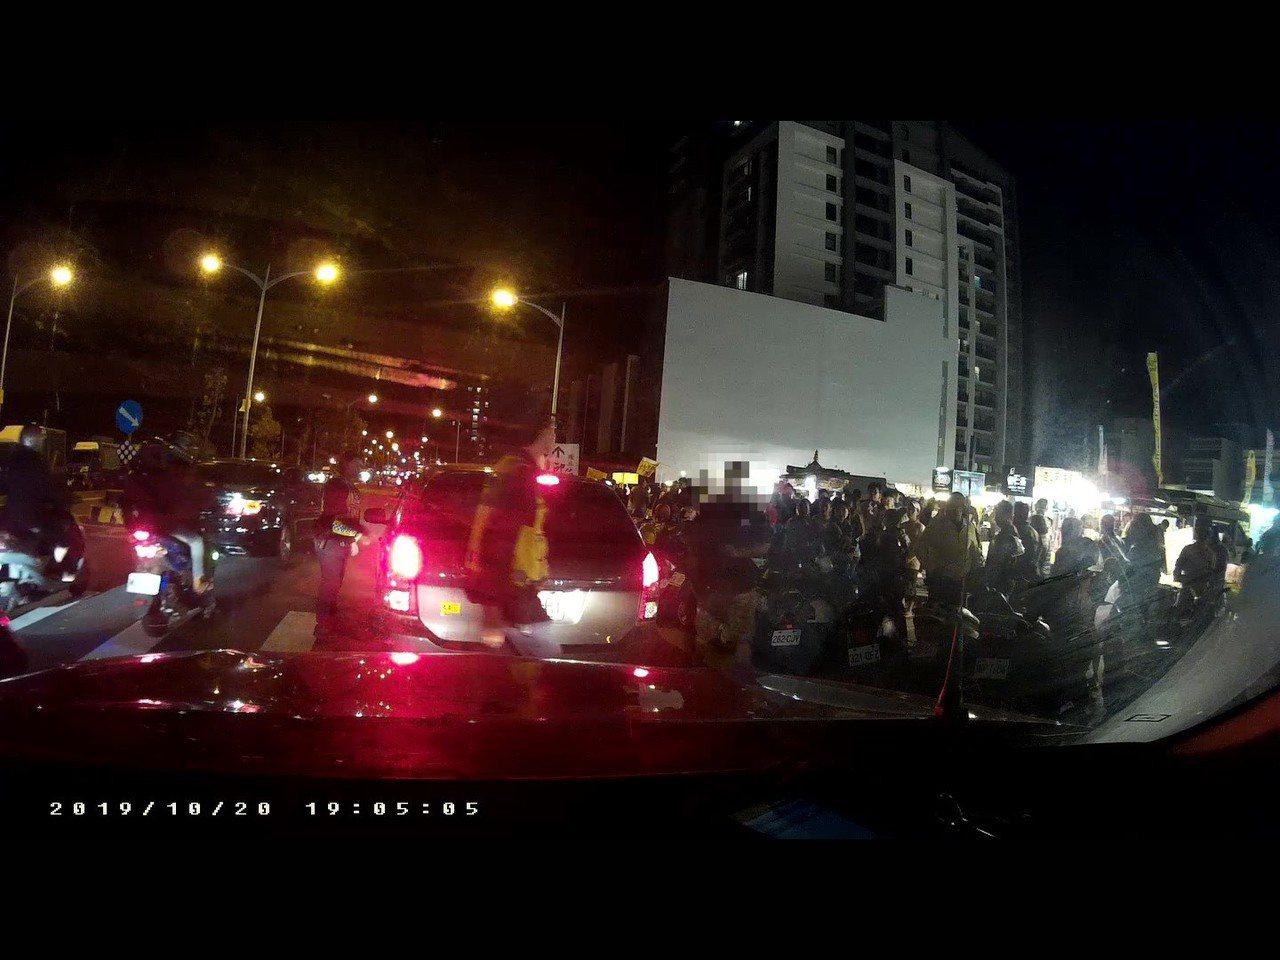 昨晚竹北派出所員警處理竹北夜市違規停車,遭到違規人咆嘯。圖/竹北警分局提供